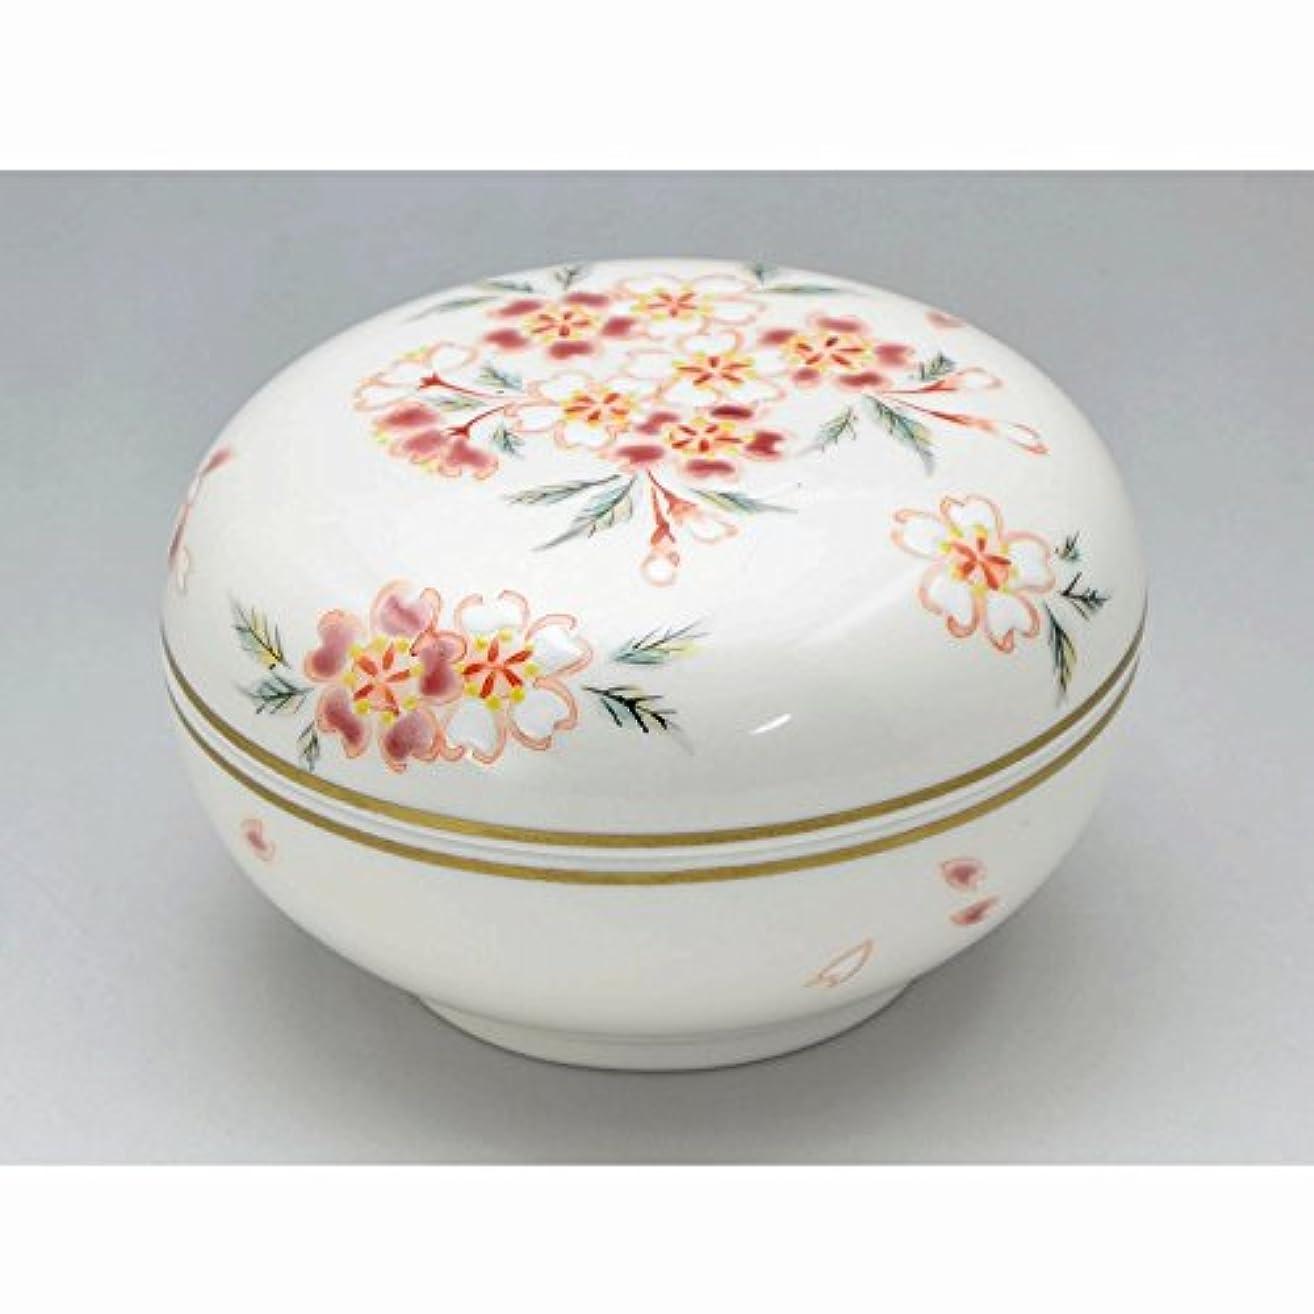 ファセットトラクターシフト京焼?清水焼 磁器 香合 花桜 紙箱入 Kiyomizu-kyo yaki ware. Japanese porcelain kogo incense burner hanazakura with paper box.